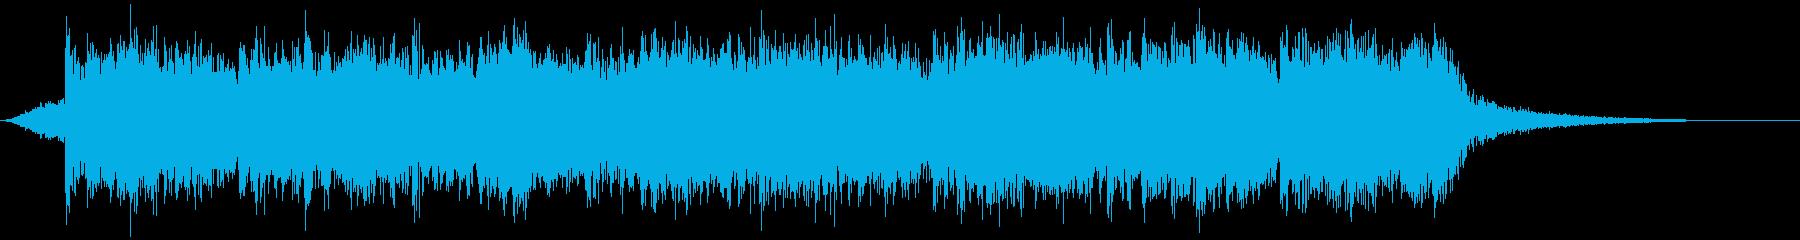 企業VP映像、164オーケストラ、希望Sの再生済みの波形